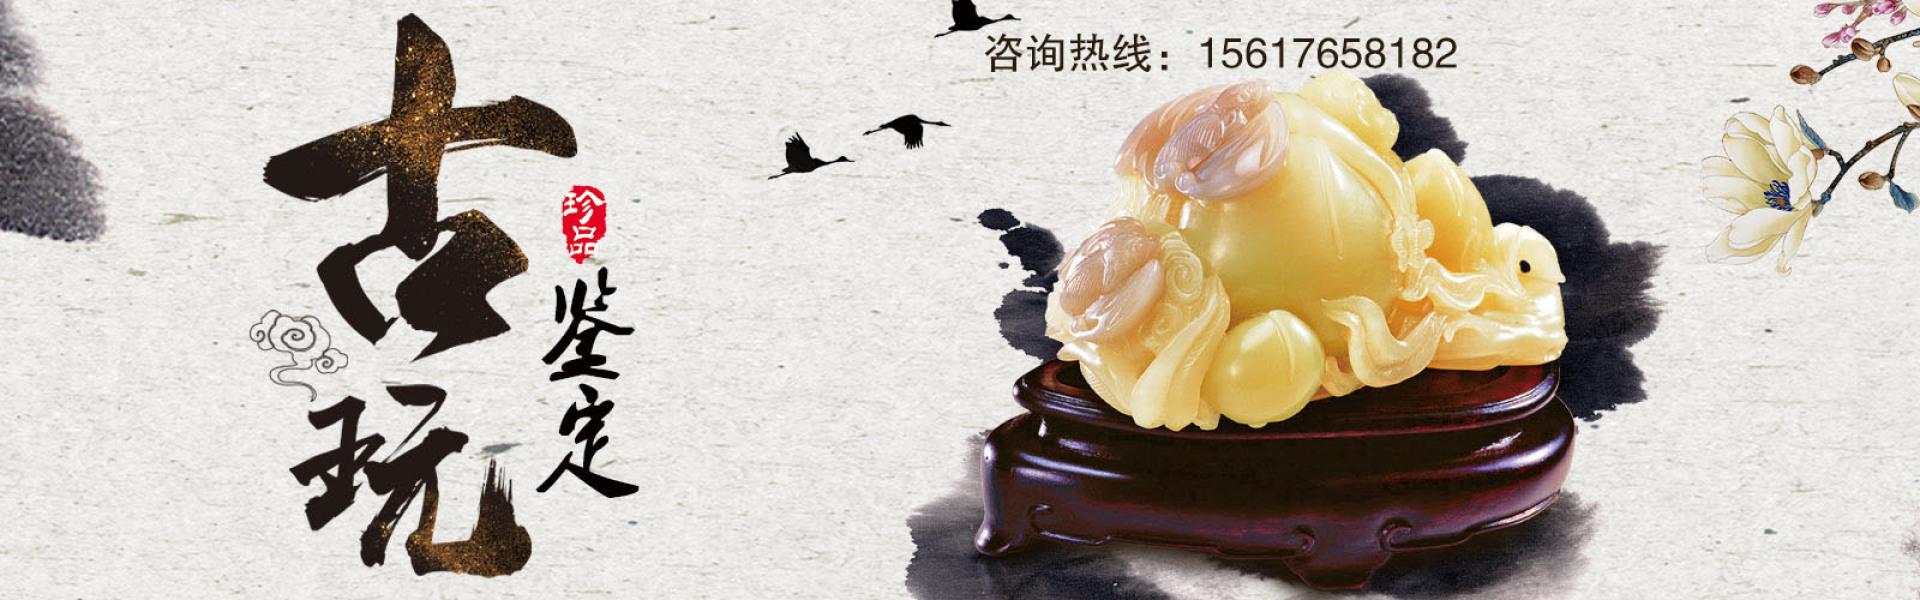 郑州盛世典藏文化传媒有限公司